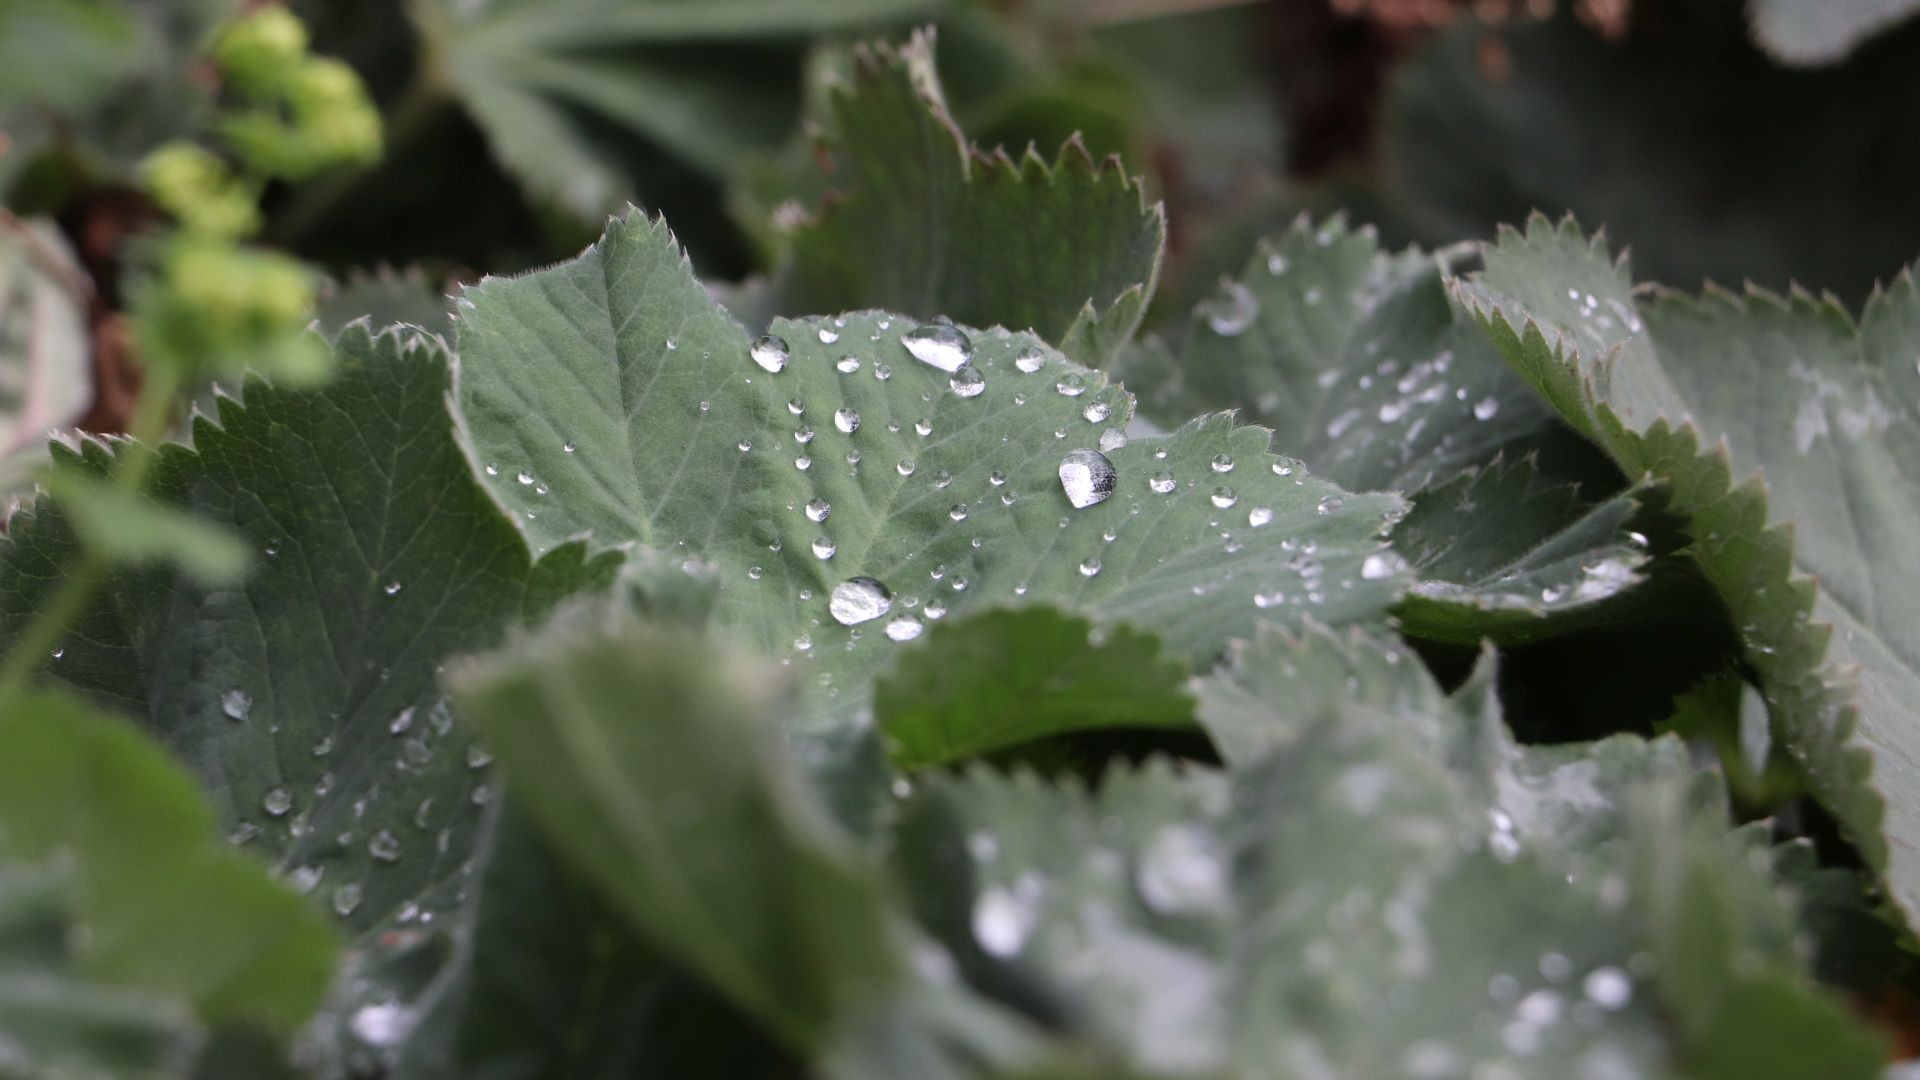 Blätter auf denen Wassertropfen liegen